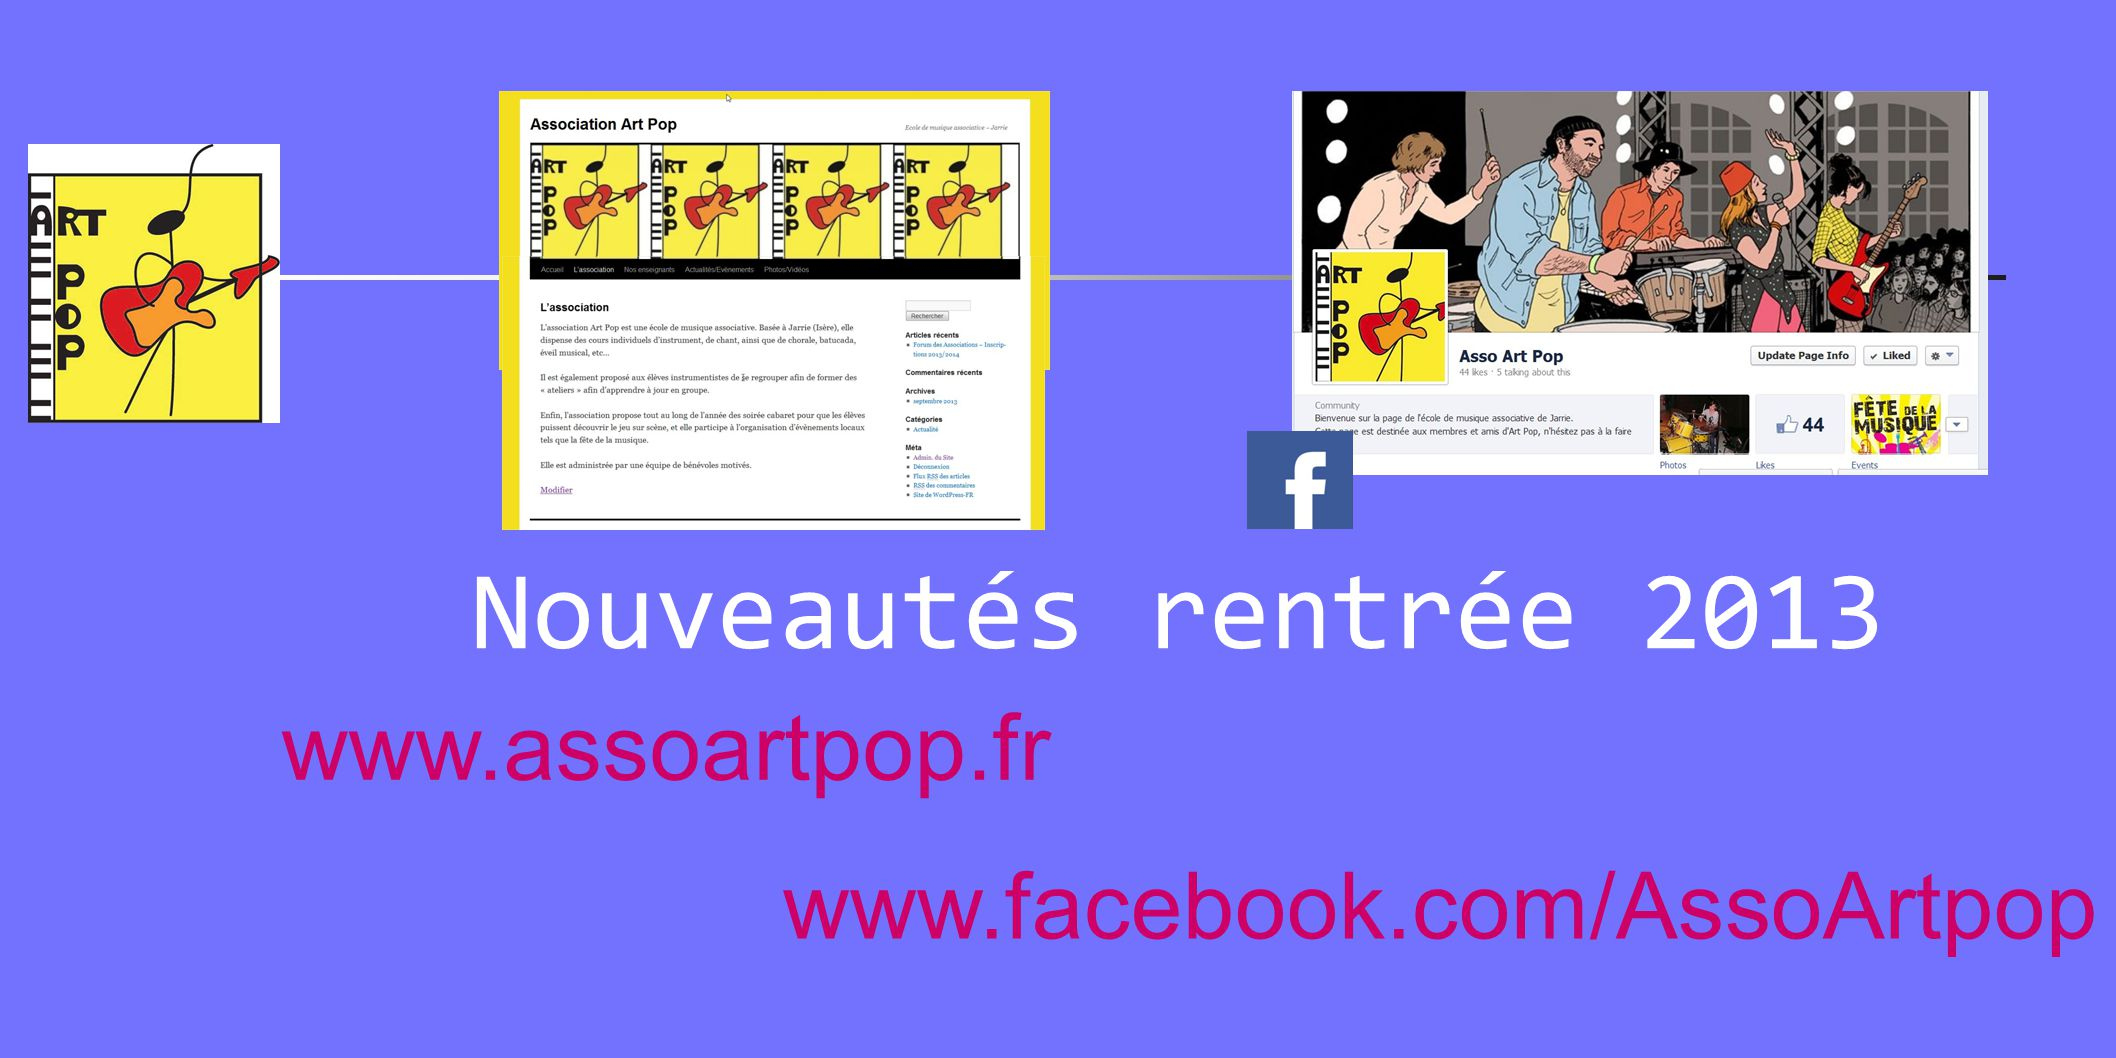 Nouveautés rentrée 2013 www.assoartpop.fr www.facebook.com/AssoArtpop